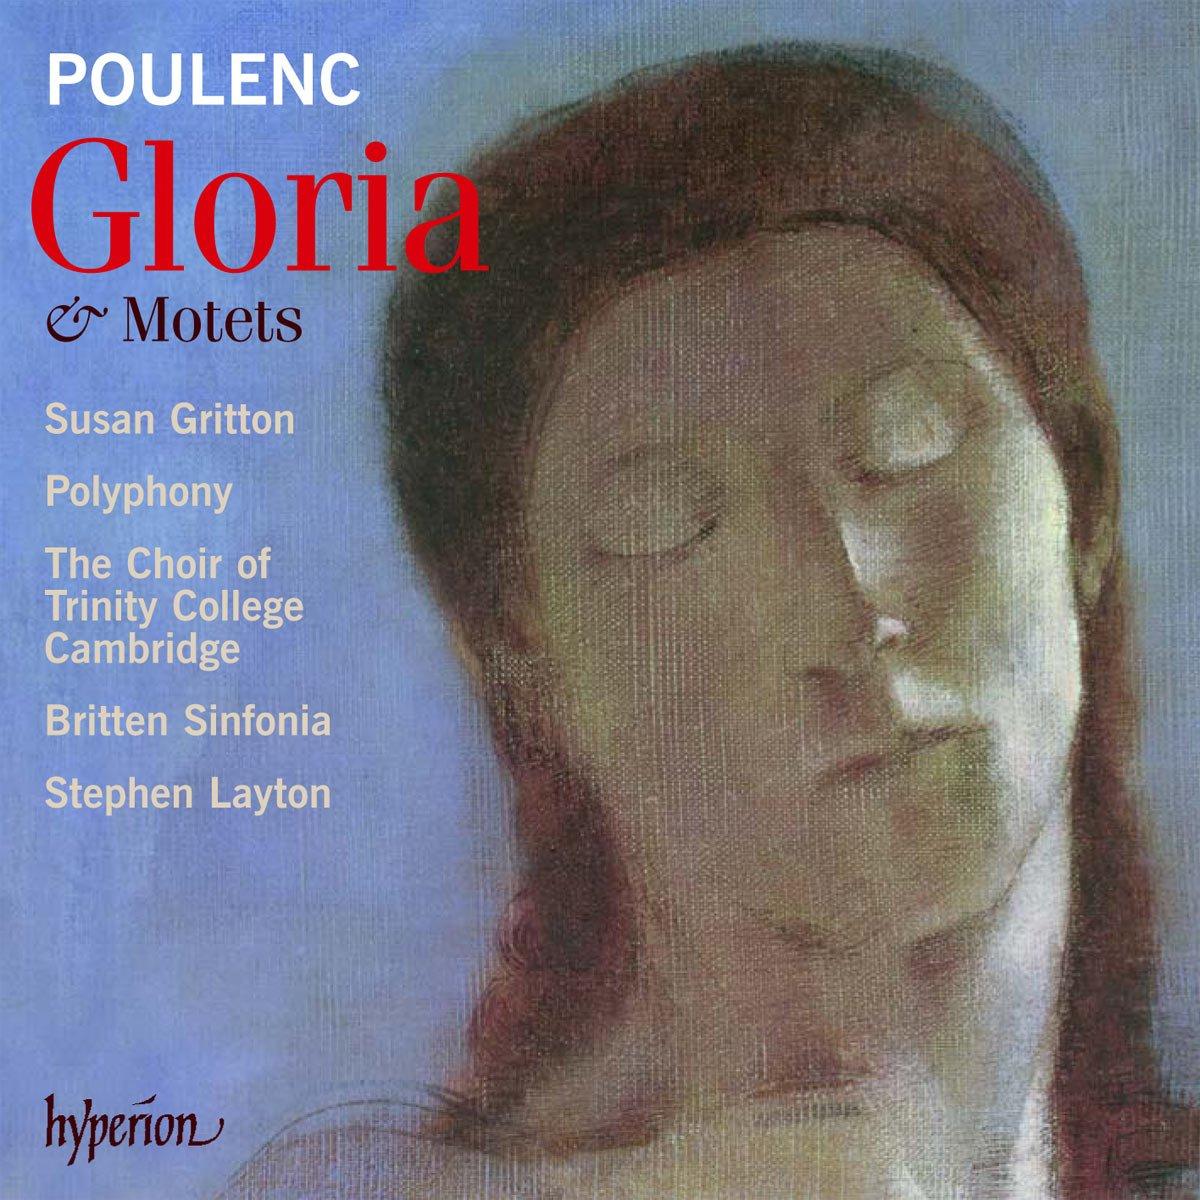 Poulenc: Gloria, Motets